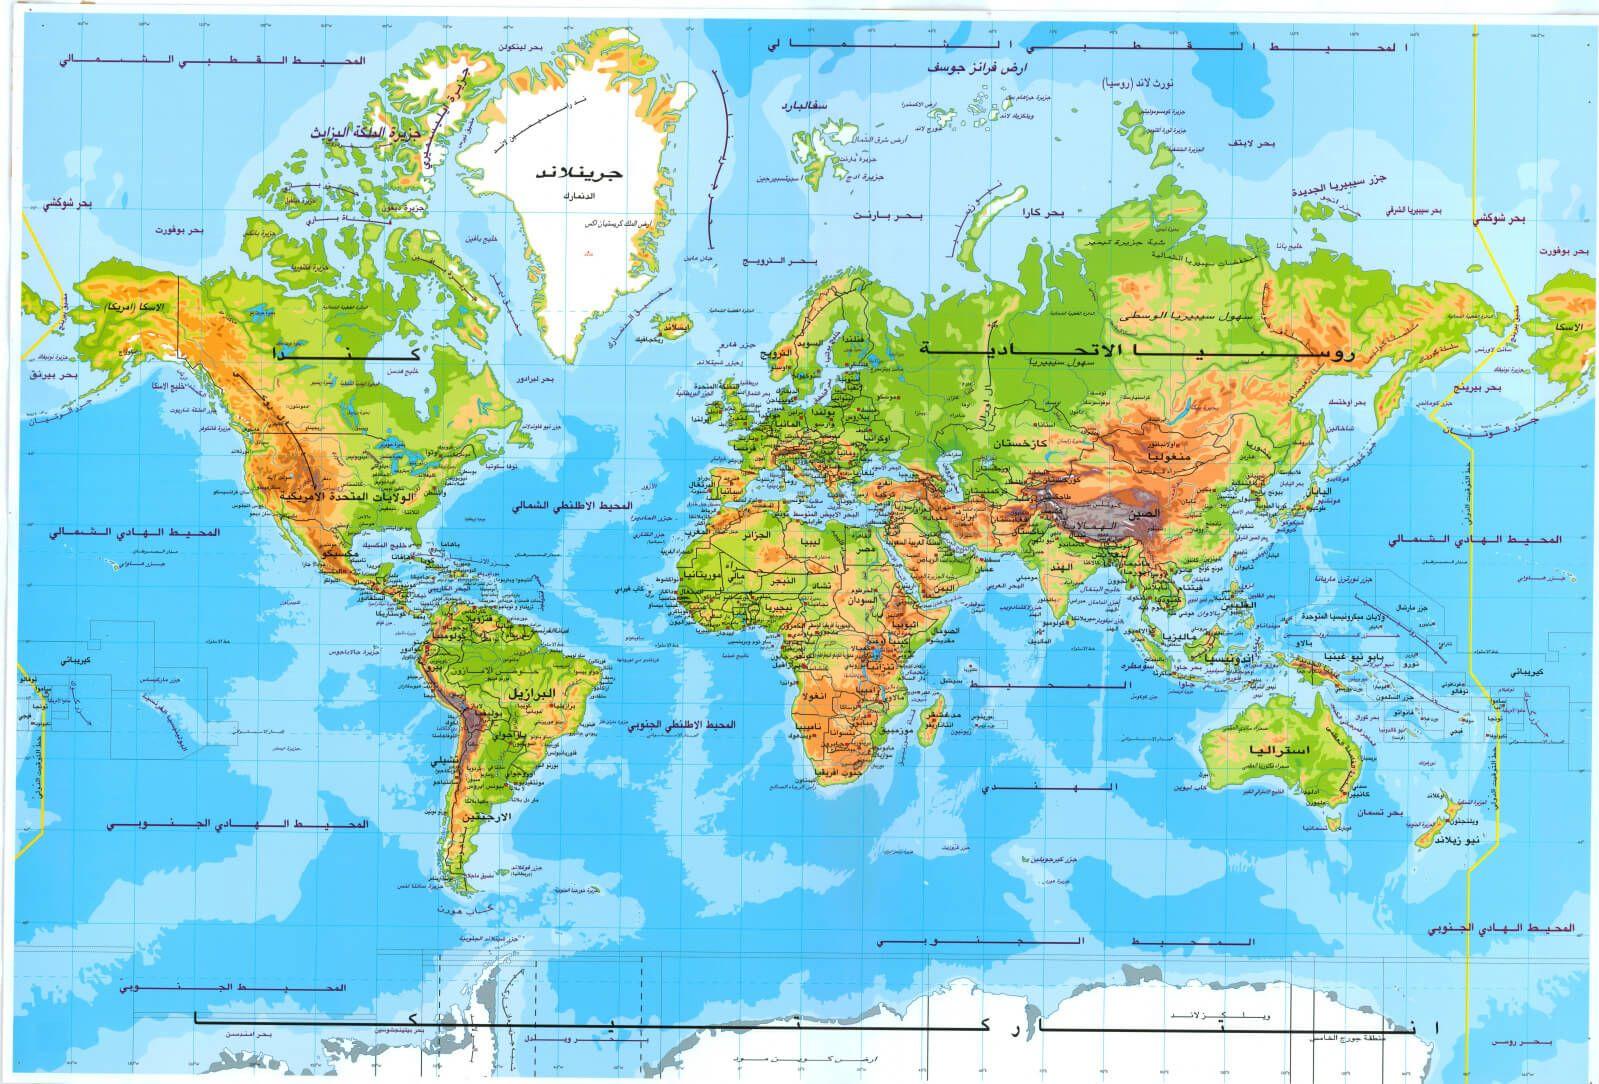 خريطة العالم هى رسم مصور لكل سطح الأرض يظهر كل قارات العالم و كل دول العالم لتحميل و مشاهدة خريطة العالم باللغة العربية اضغط على الصو Map Europe Map World Map